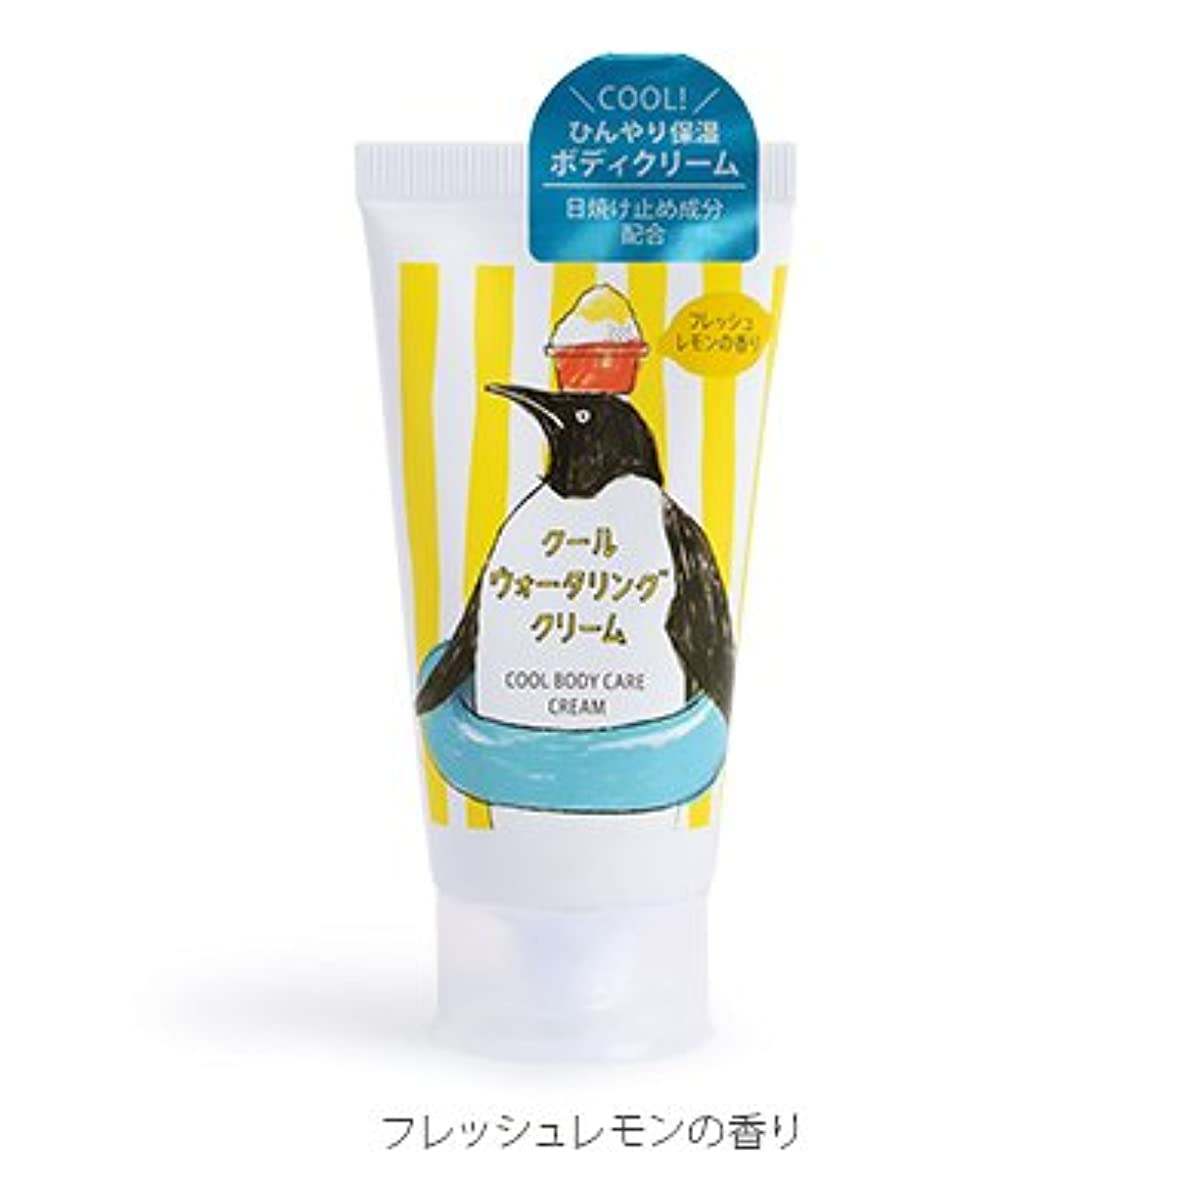 クールウォータリングクリーム_50g (フレッシュレモンの香り)